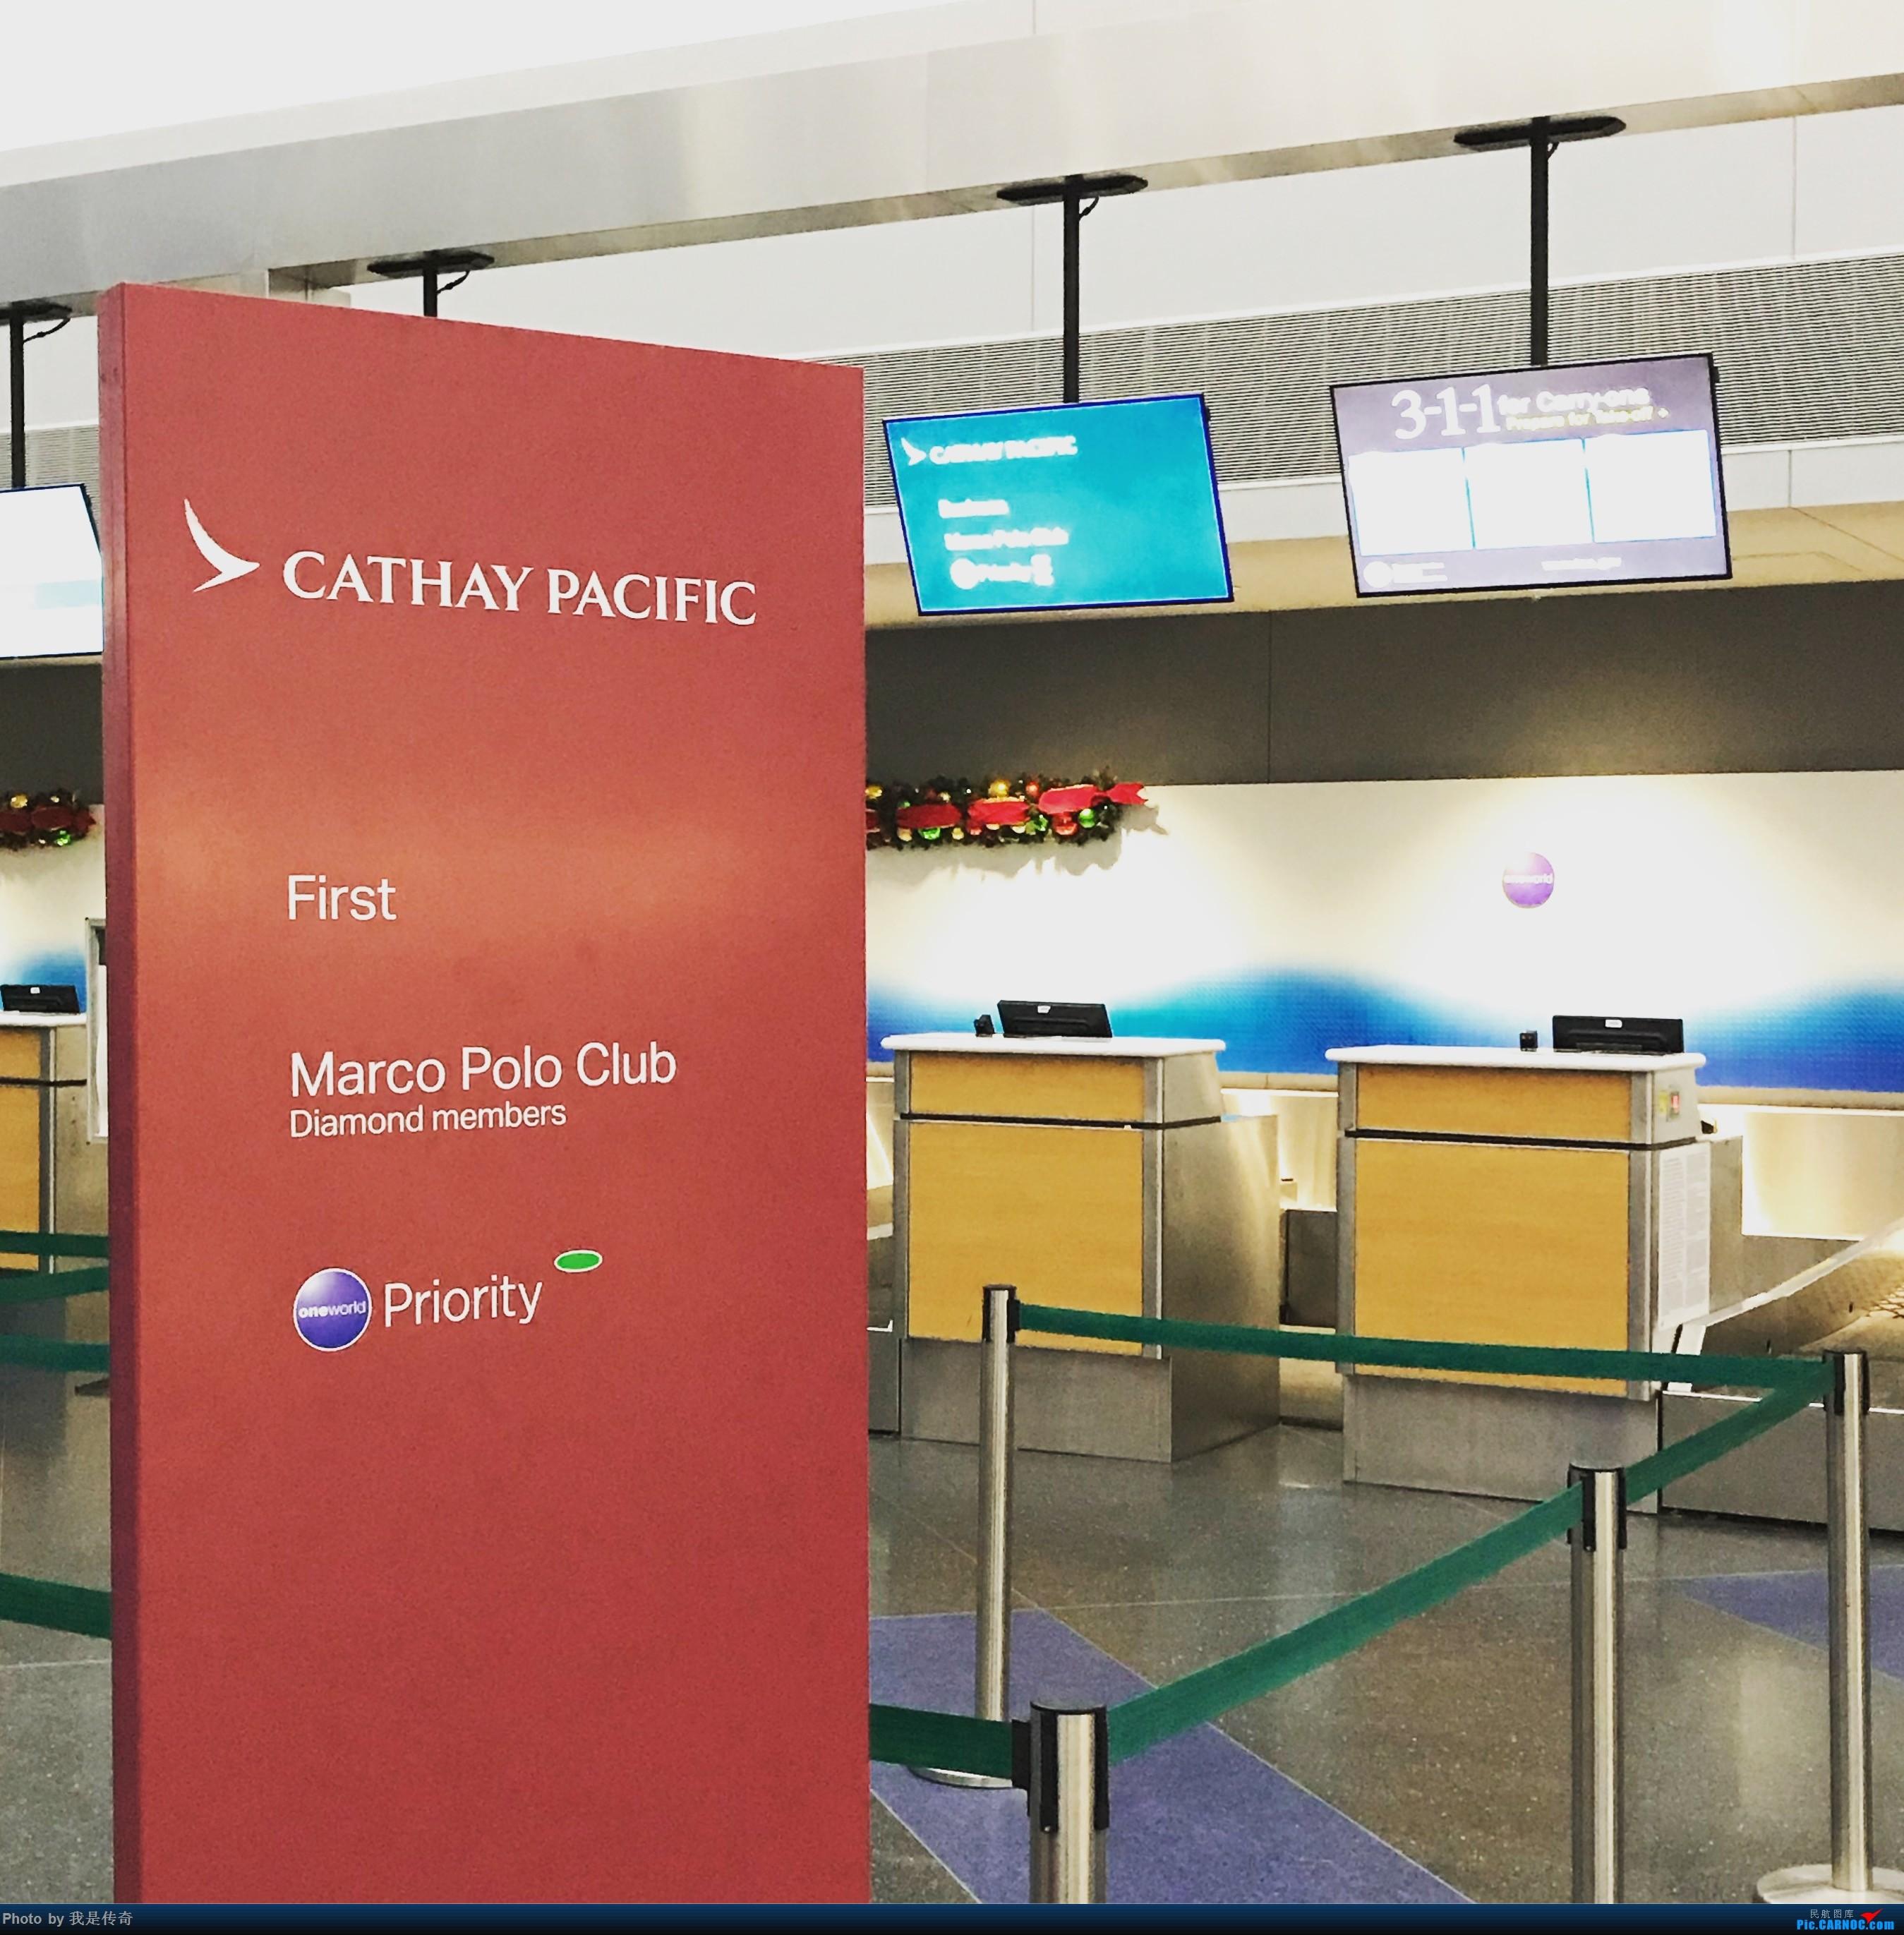 [原创]【Cathay Pacific】CX889 JFK-YVR-HKG 21小时跨洋洲际头等舱